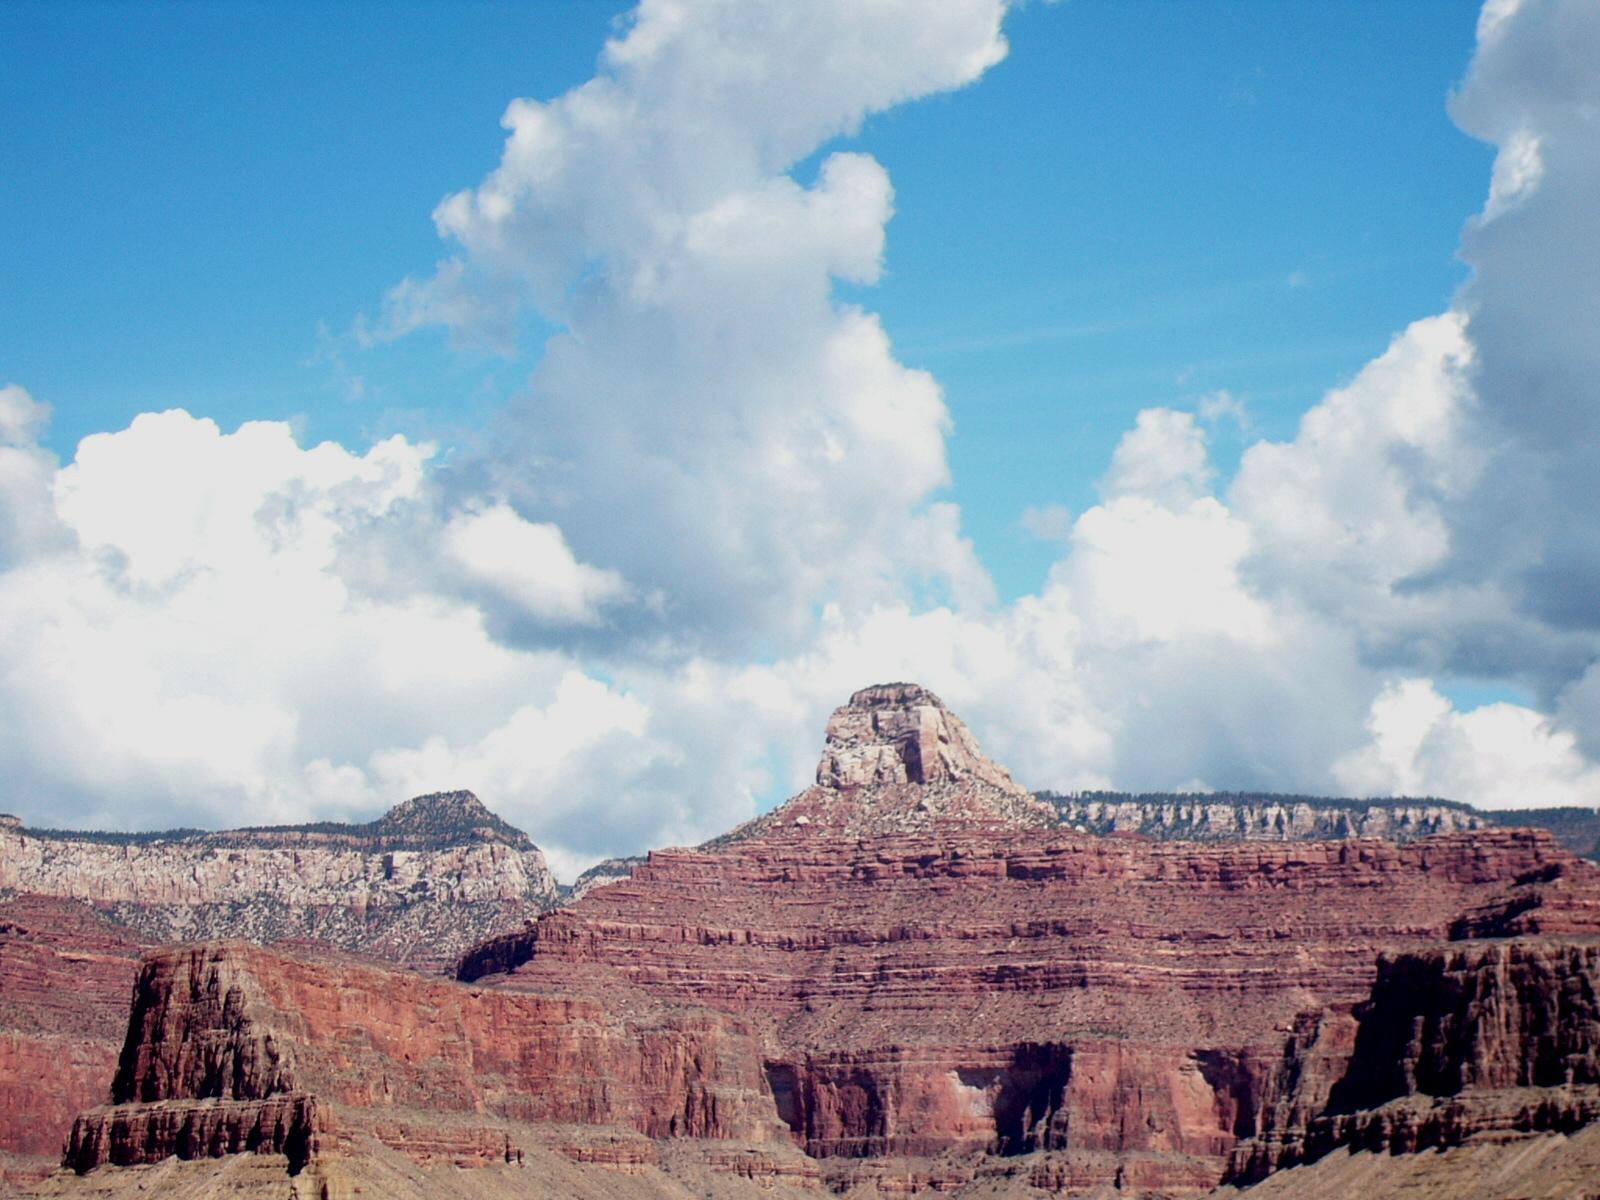 A grand canyon view photo